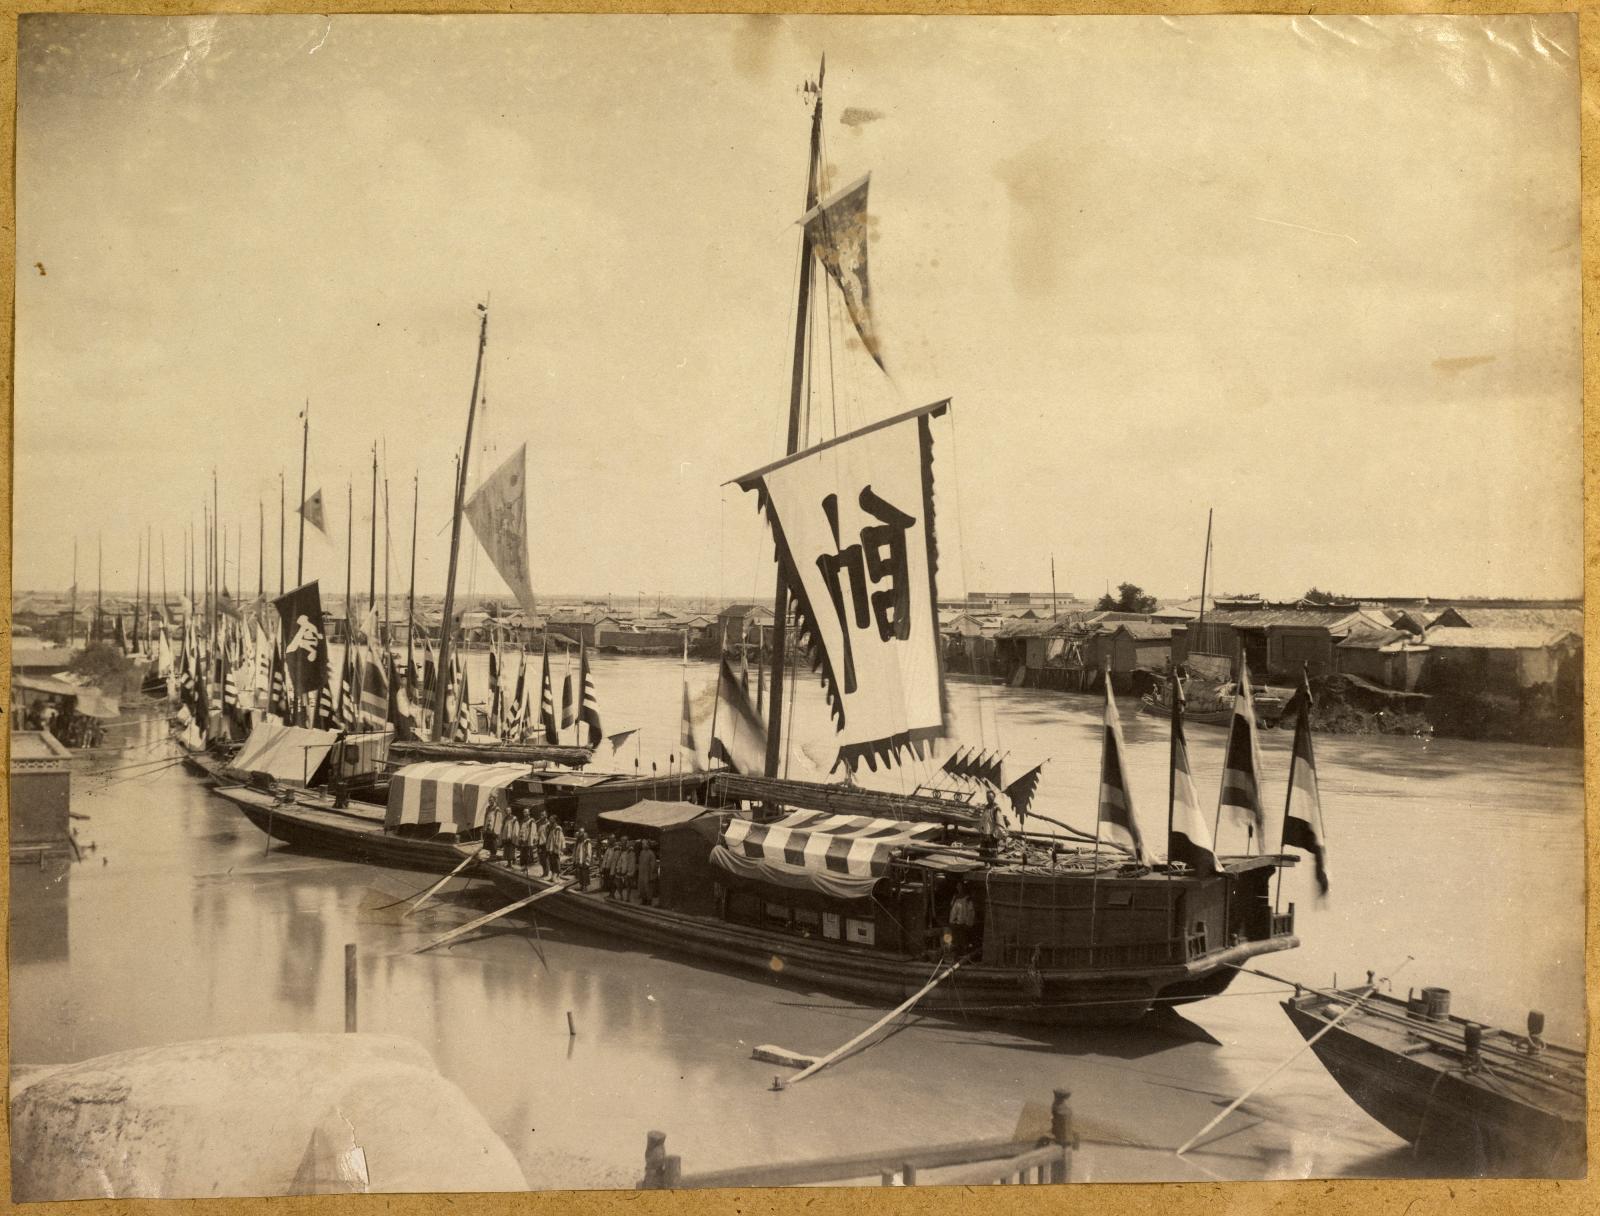 Anonyme, Jonques de l'armée du Petchili sur le fleuve Pei-Ho, vers 1888-1890, région de Tianjin, Chine, tirage monochrome sur papier albuminé, 18x24